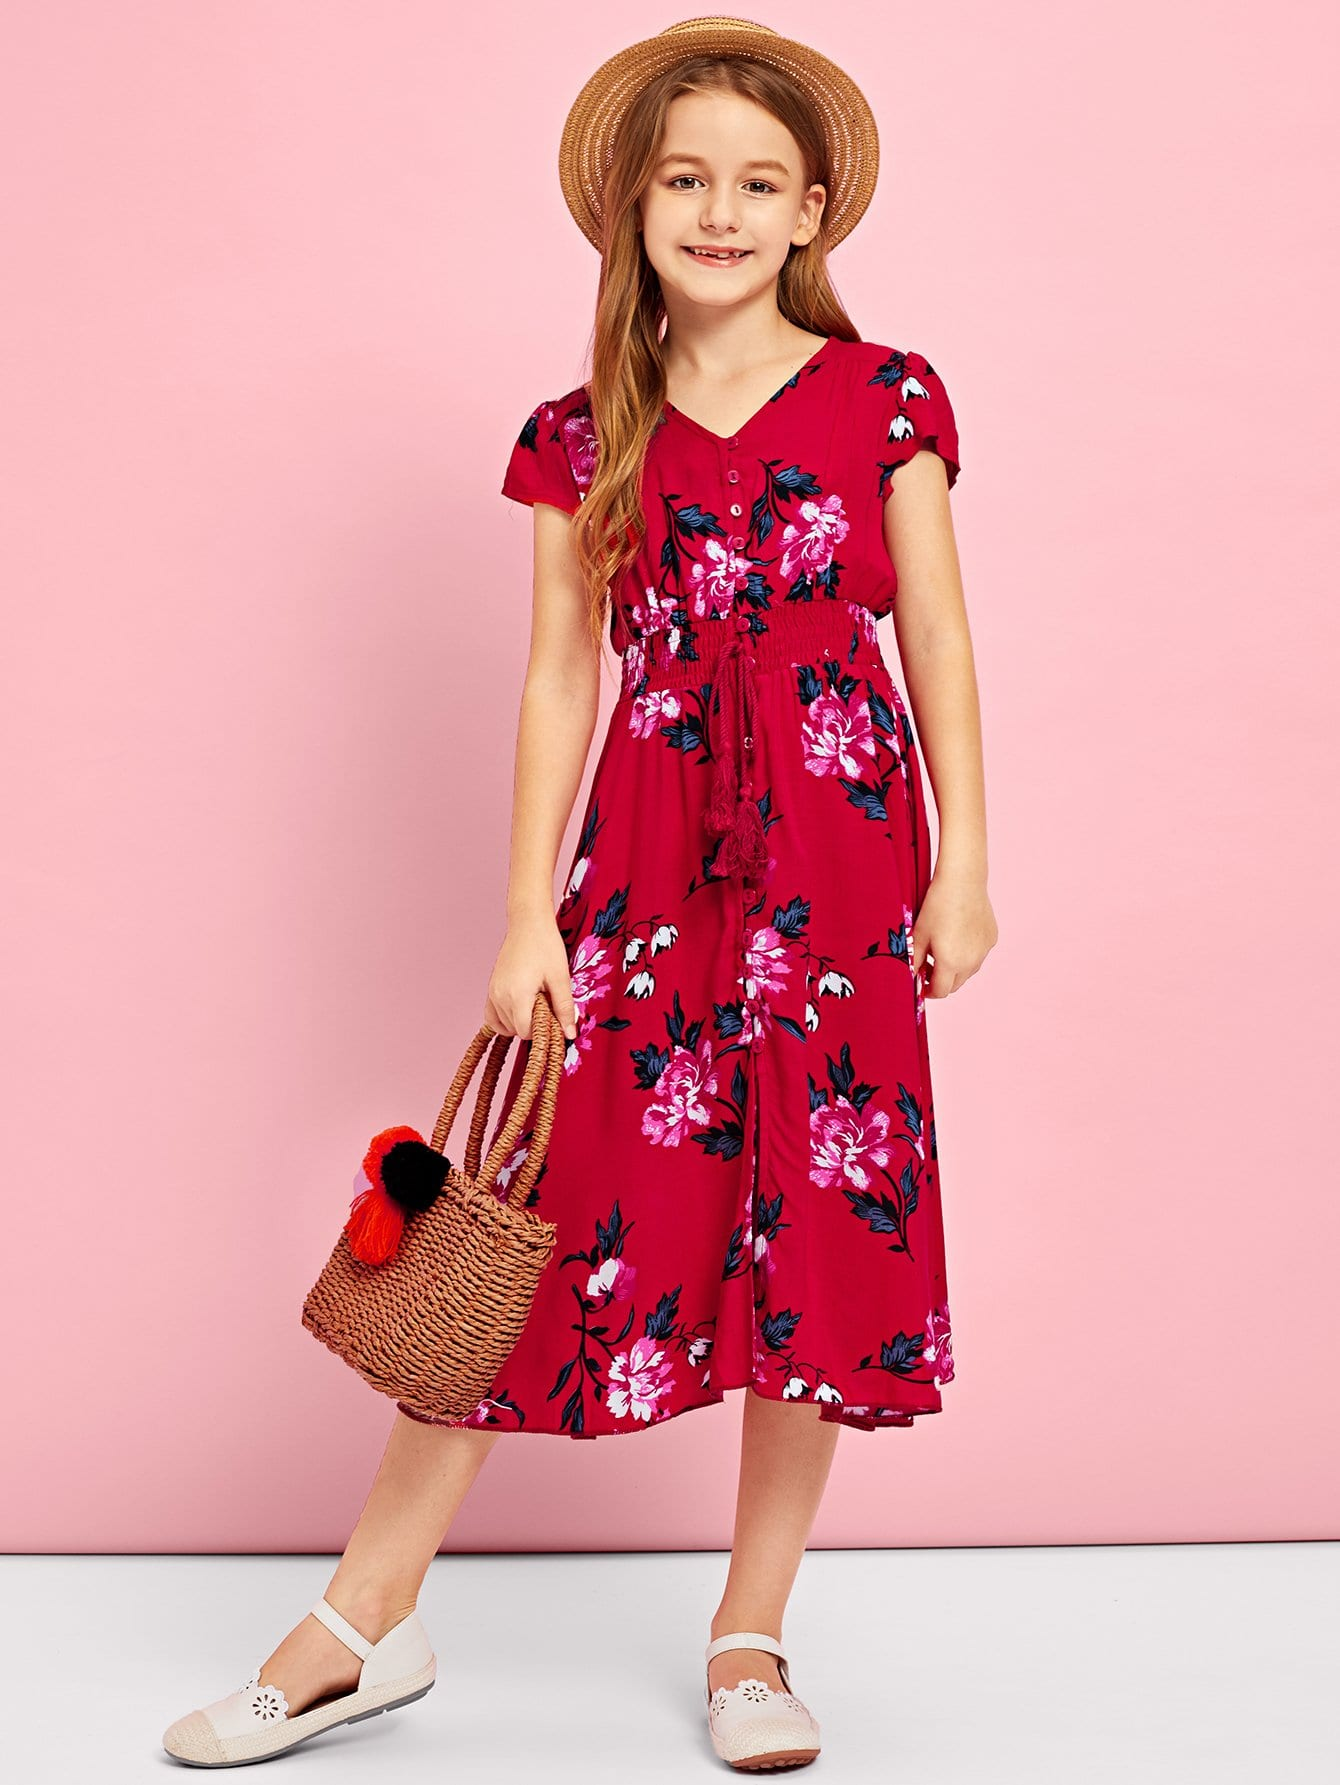 Купить Платье с украшением кисти и пуговицы для девочки, Sashab, SheIn